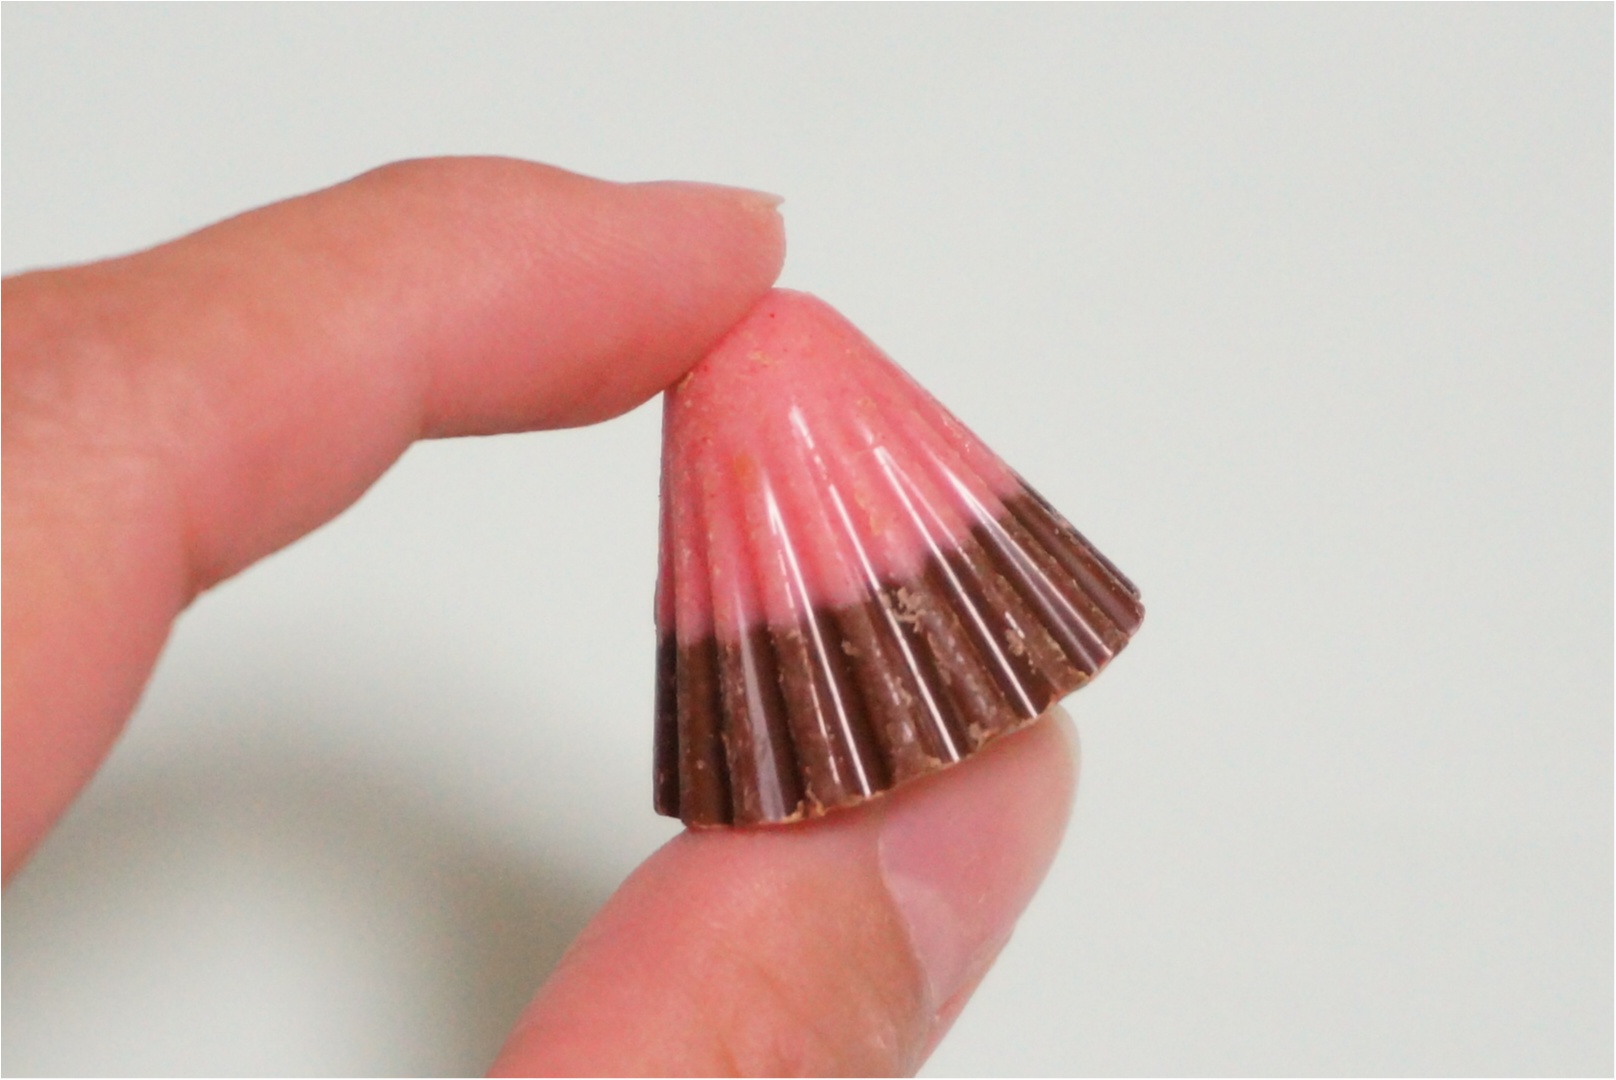 【明治アポロチョコレート】新商品はパチパチはじける大粒アポロ♡_2